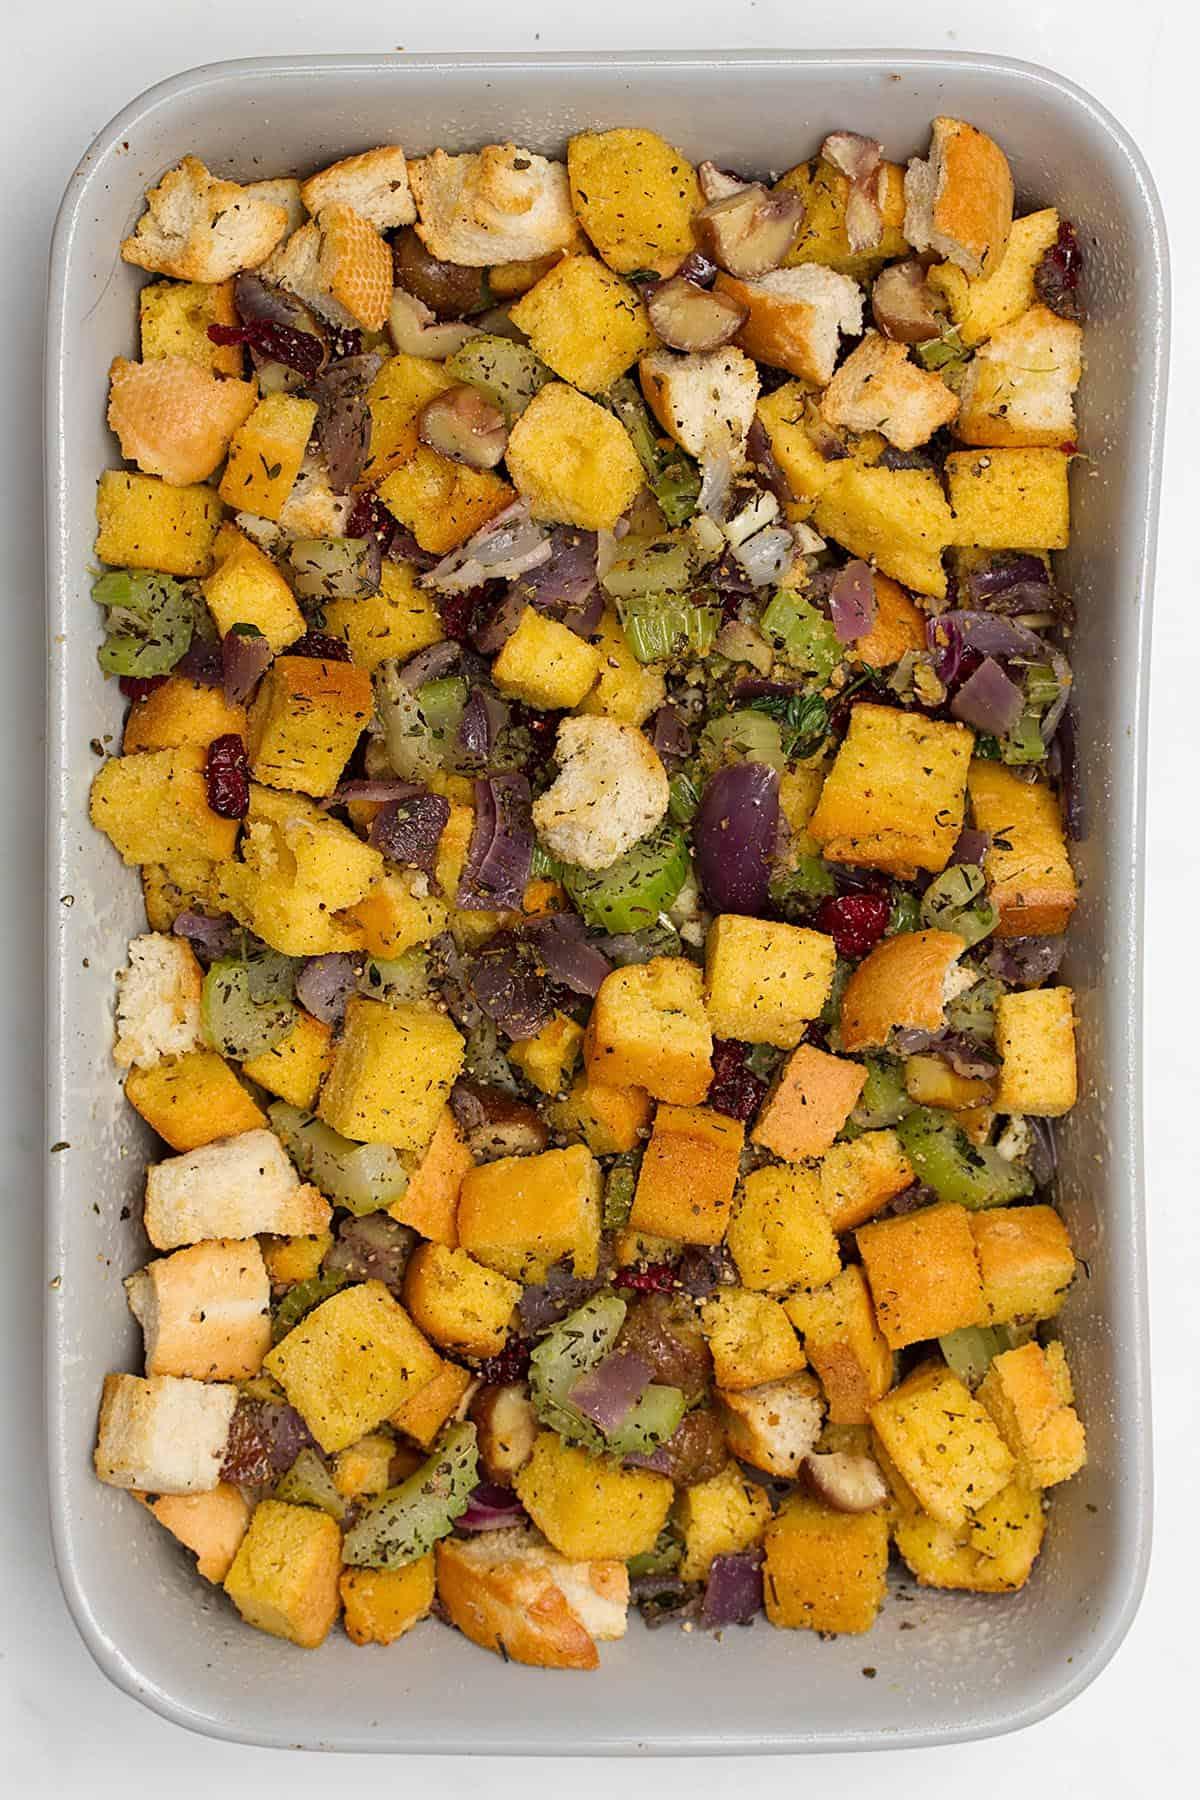 vegan cornbread dressing in pan